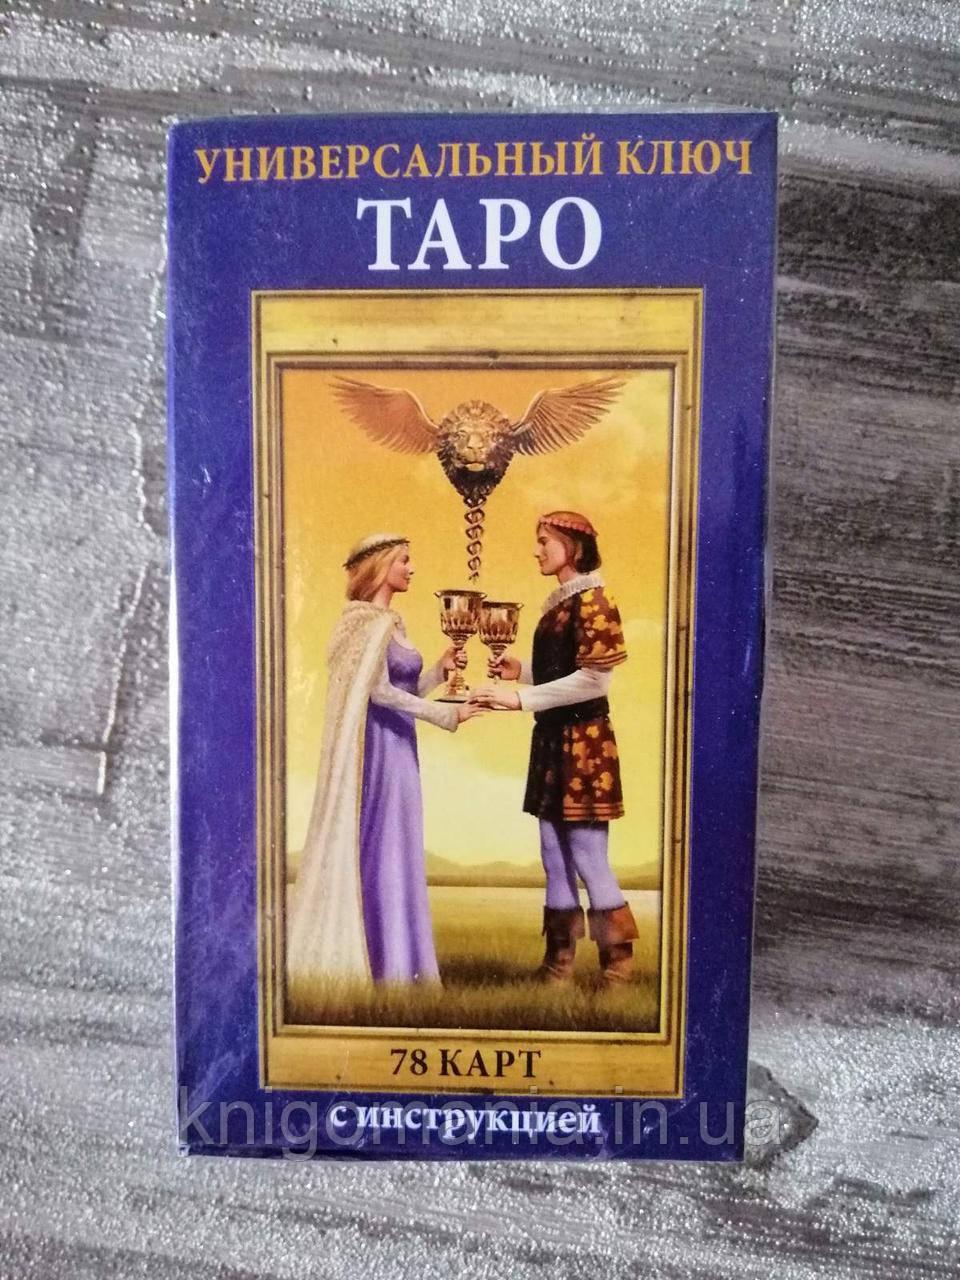 Колода Карт Таро. Универсальный ключ таро. 78 Карт с инструкцией